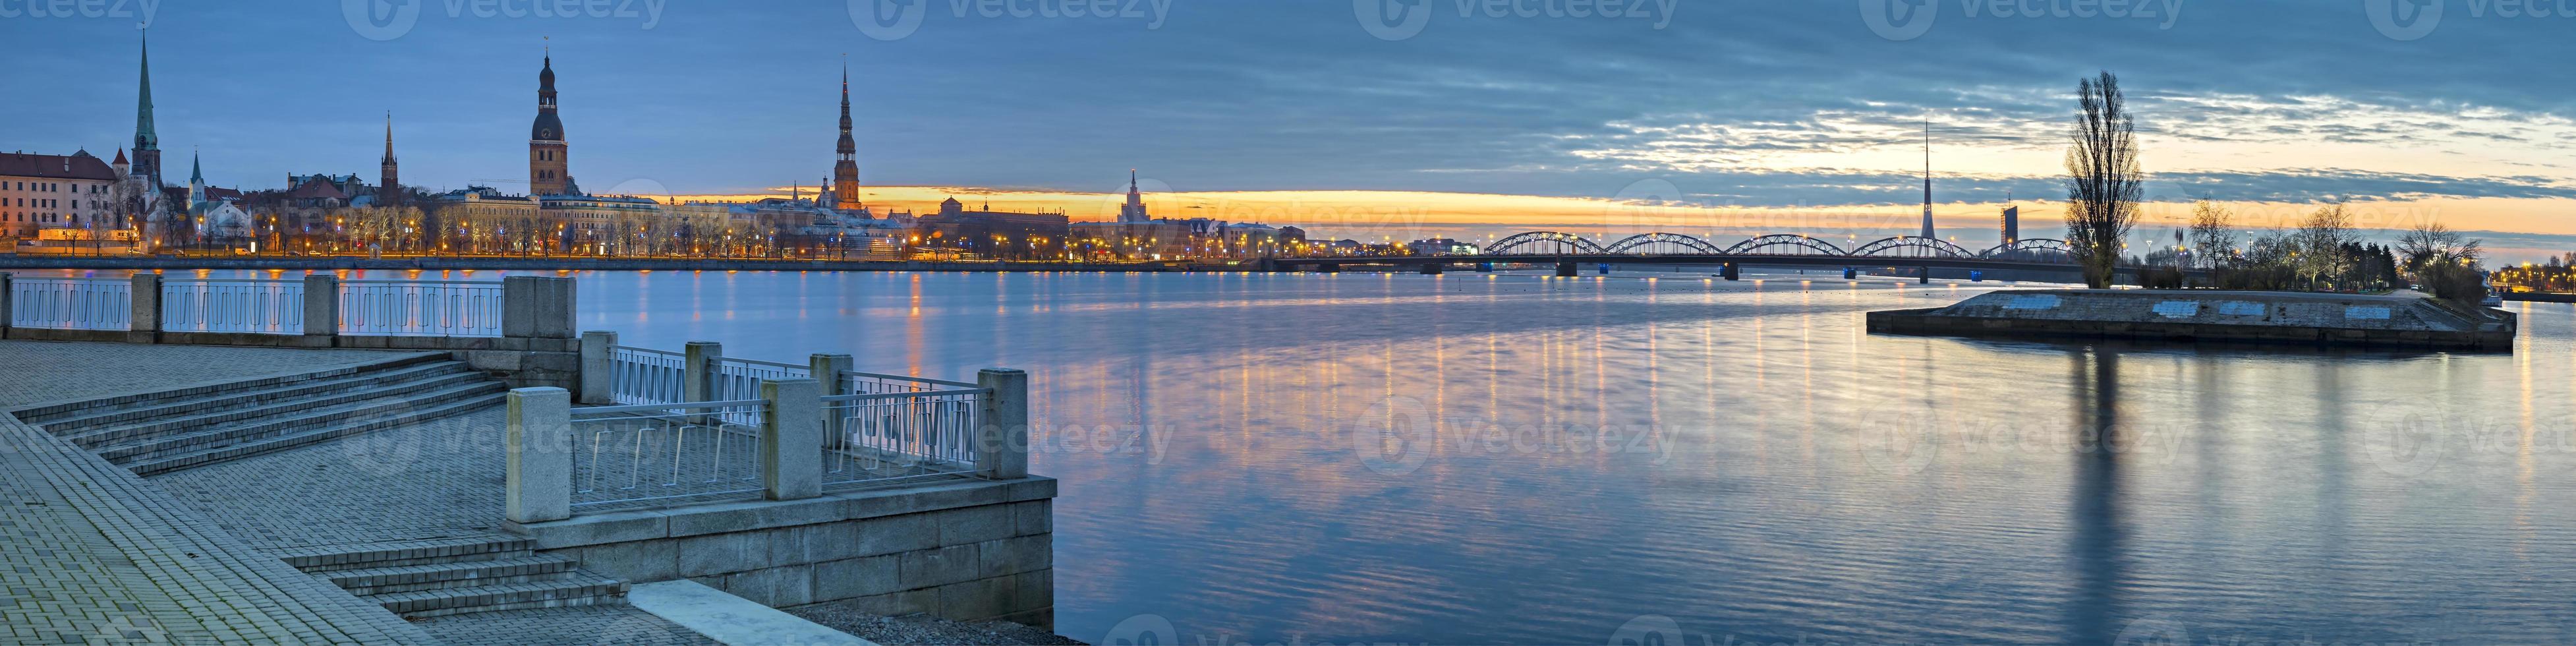 panoramautsikt över gamla staden Riga, Lettland foto